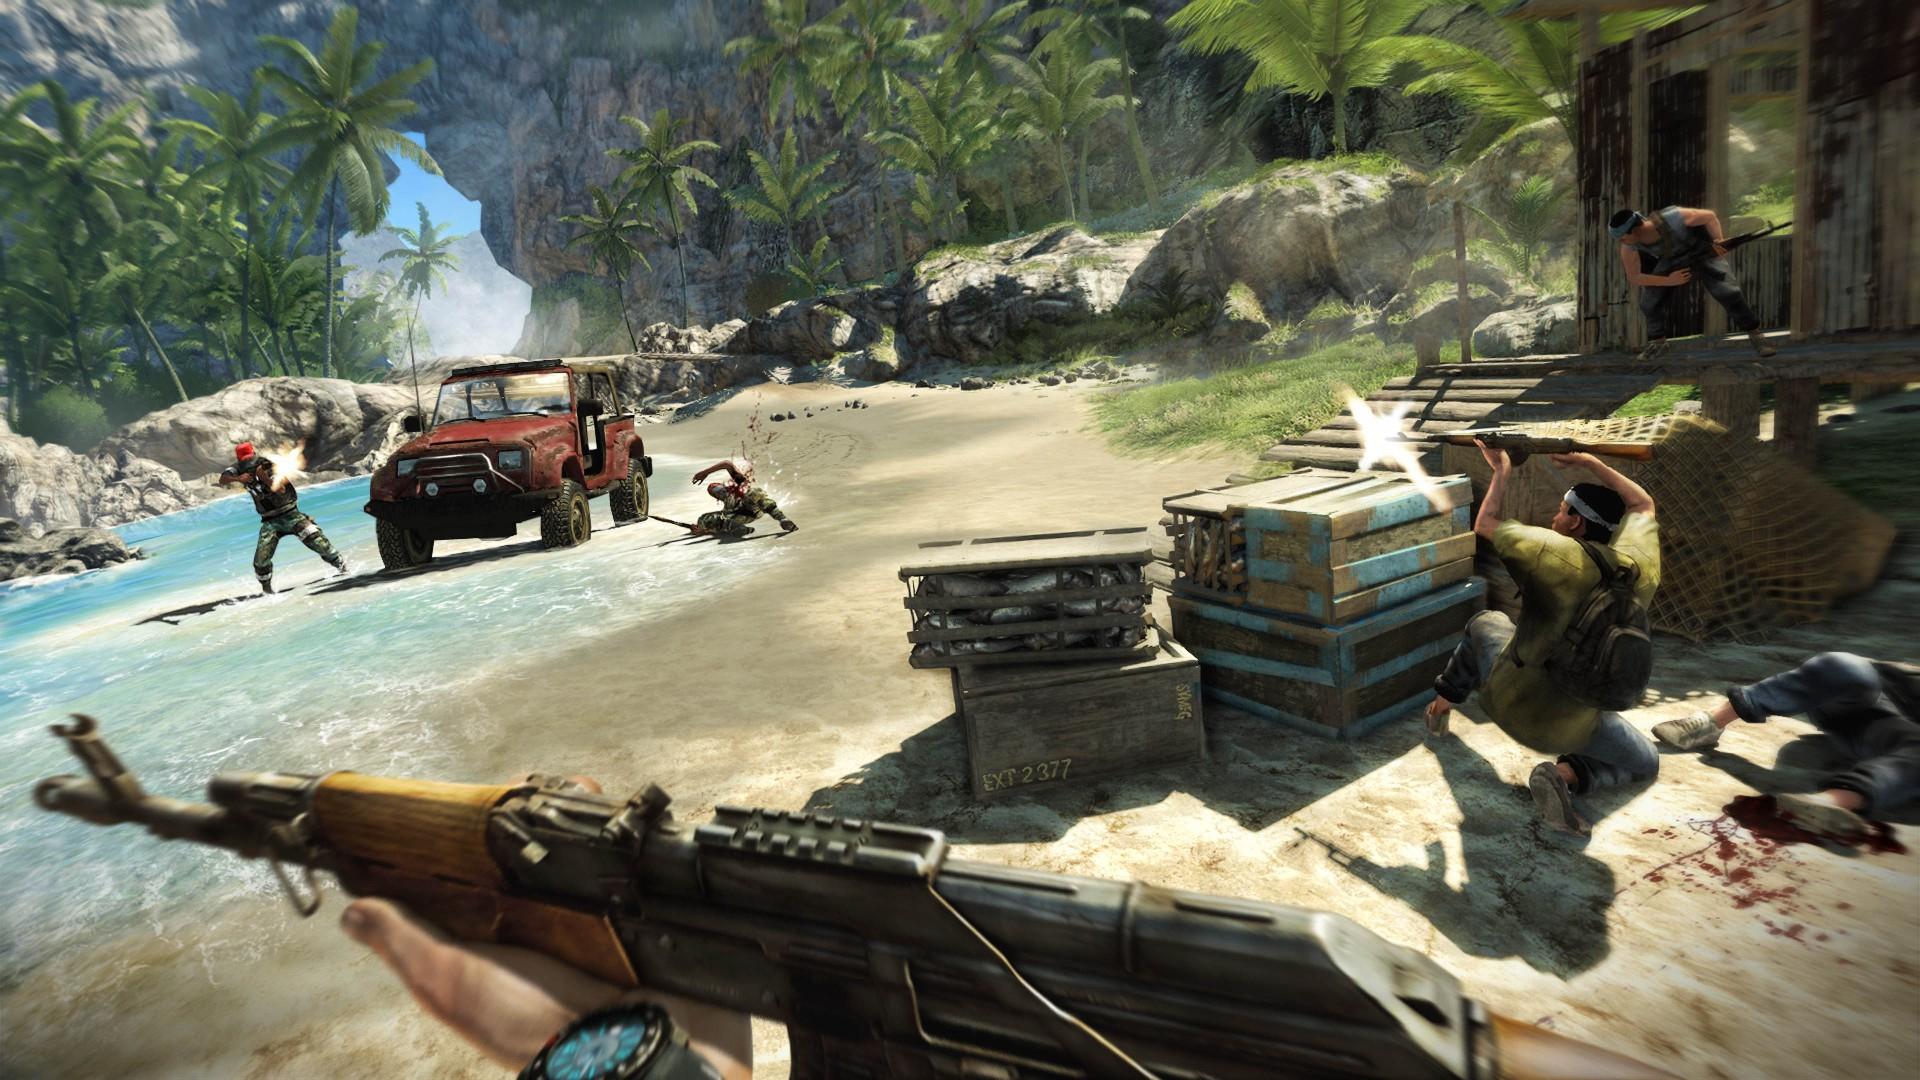 В Ubisoft Store началась распродажа игр серии Far Cry и разных изданий Ghost Recon Breakpoint со скидками до 85 %